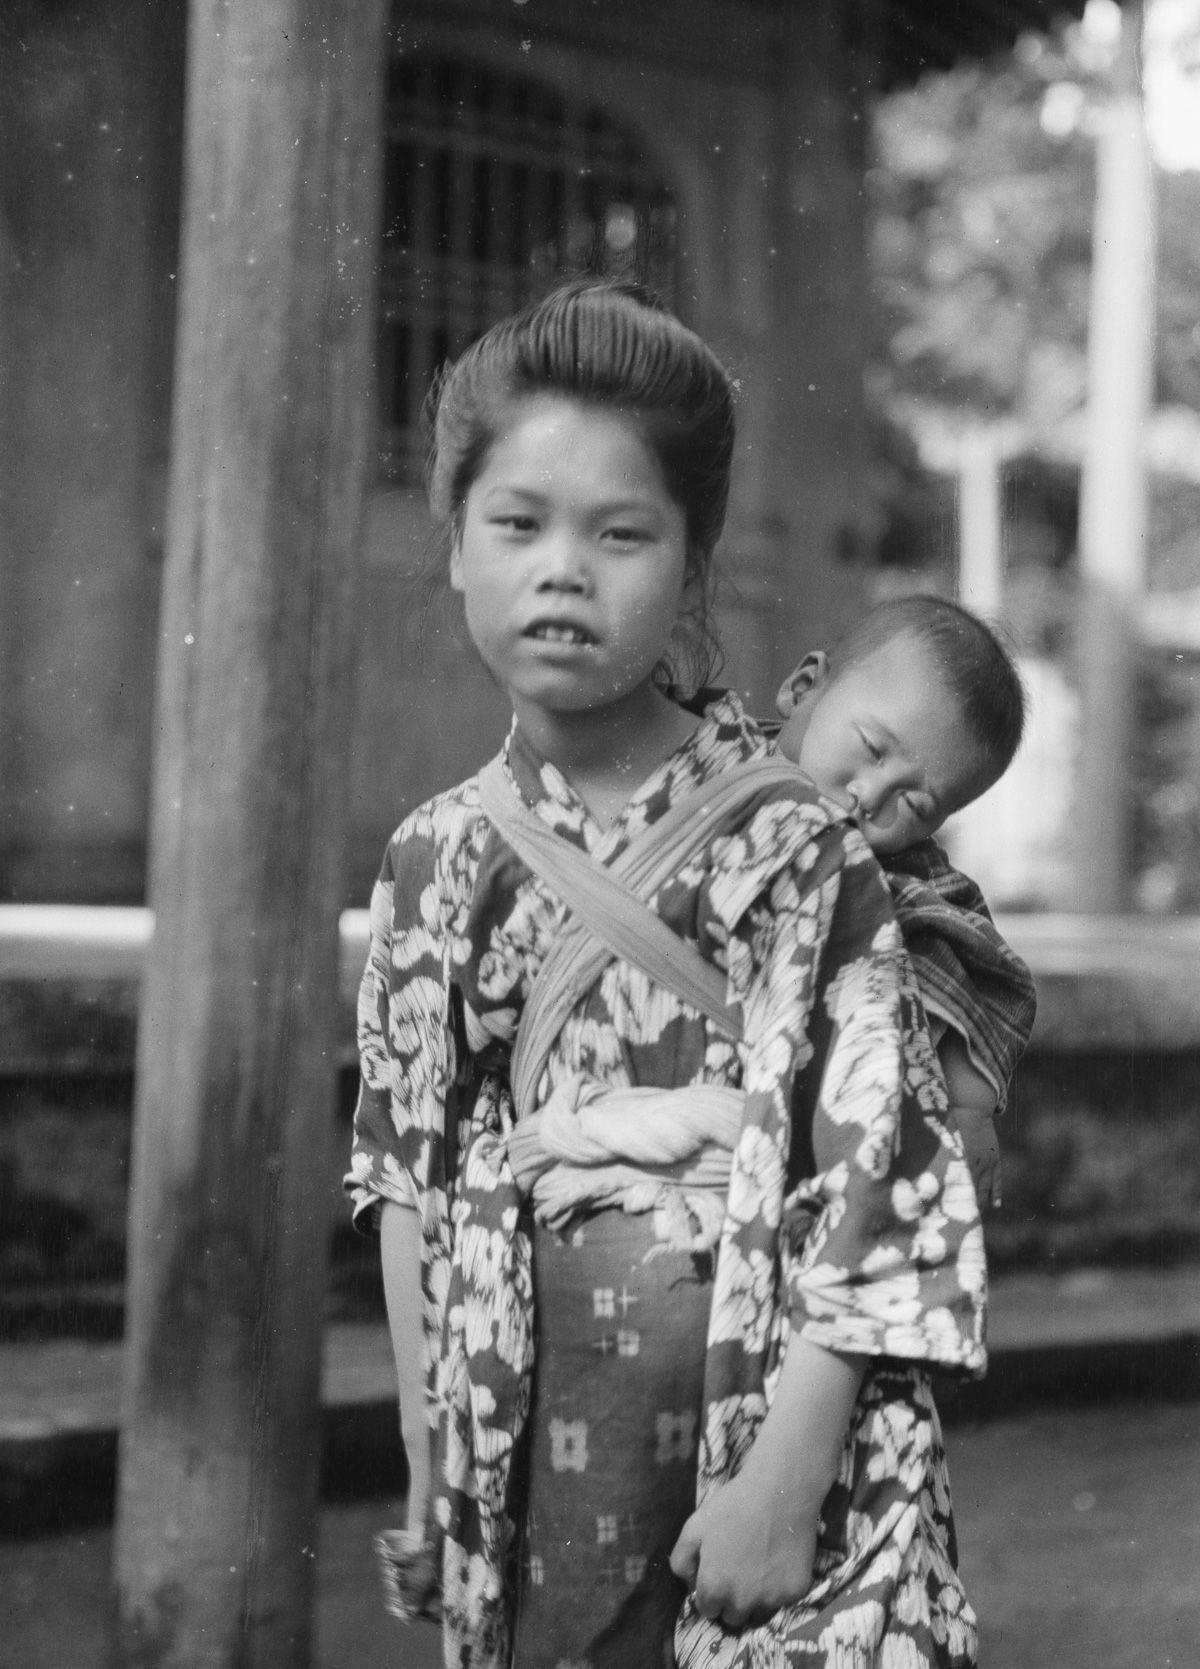 Yaponiya istoricheskie foto Arnold Dzhente 35